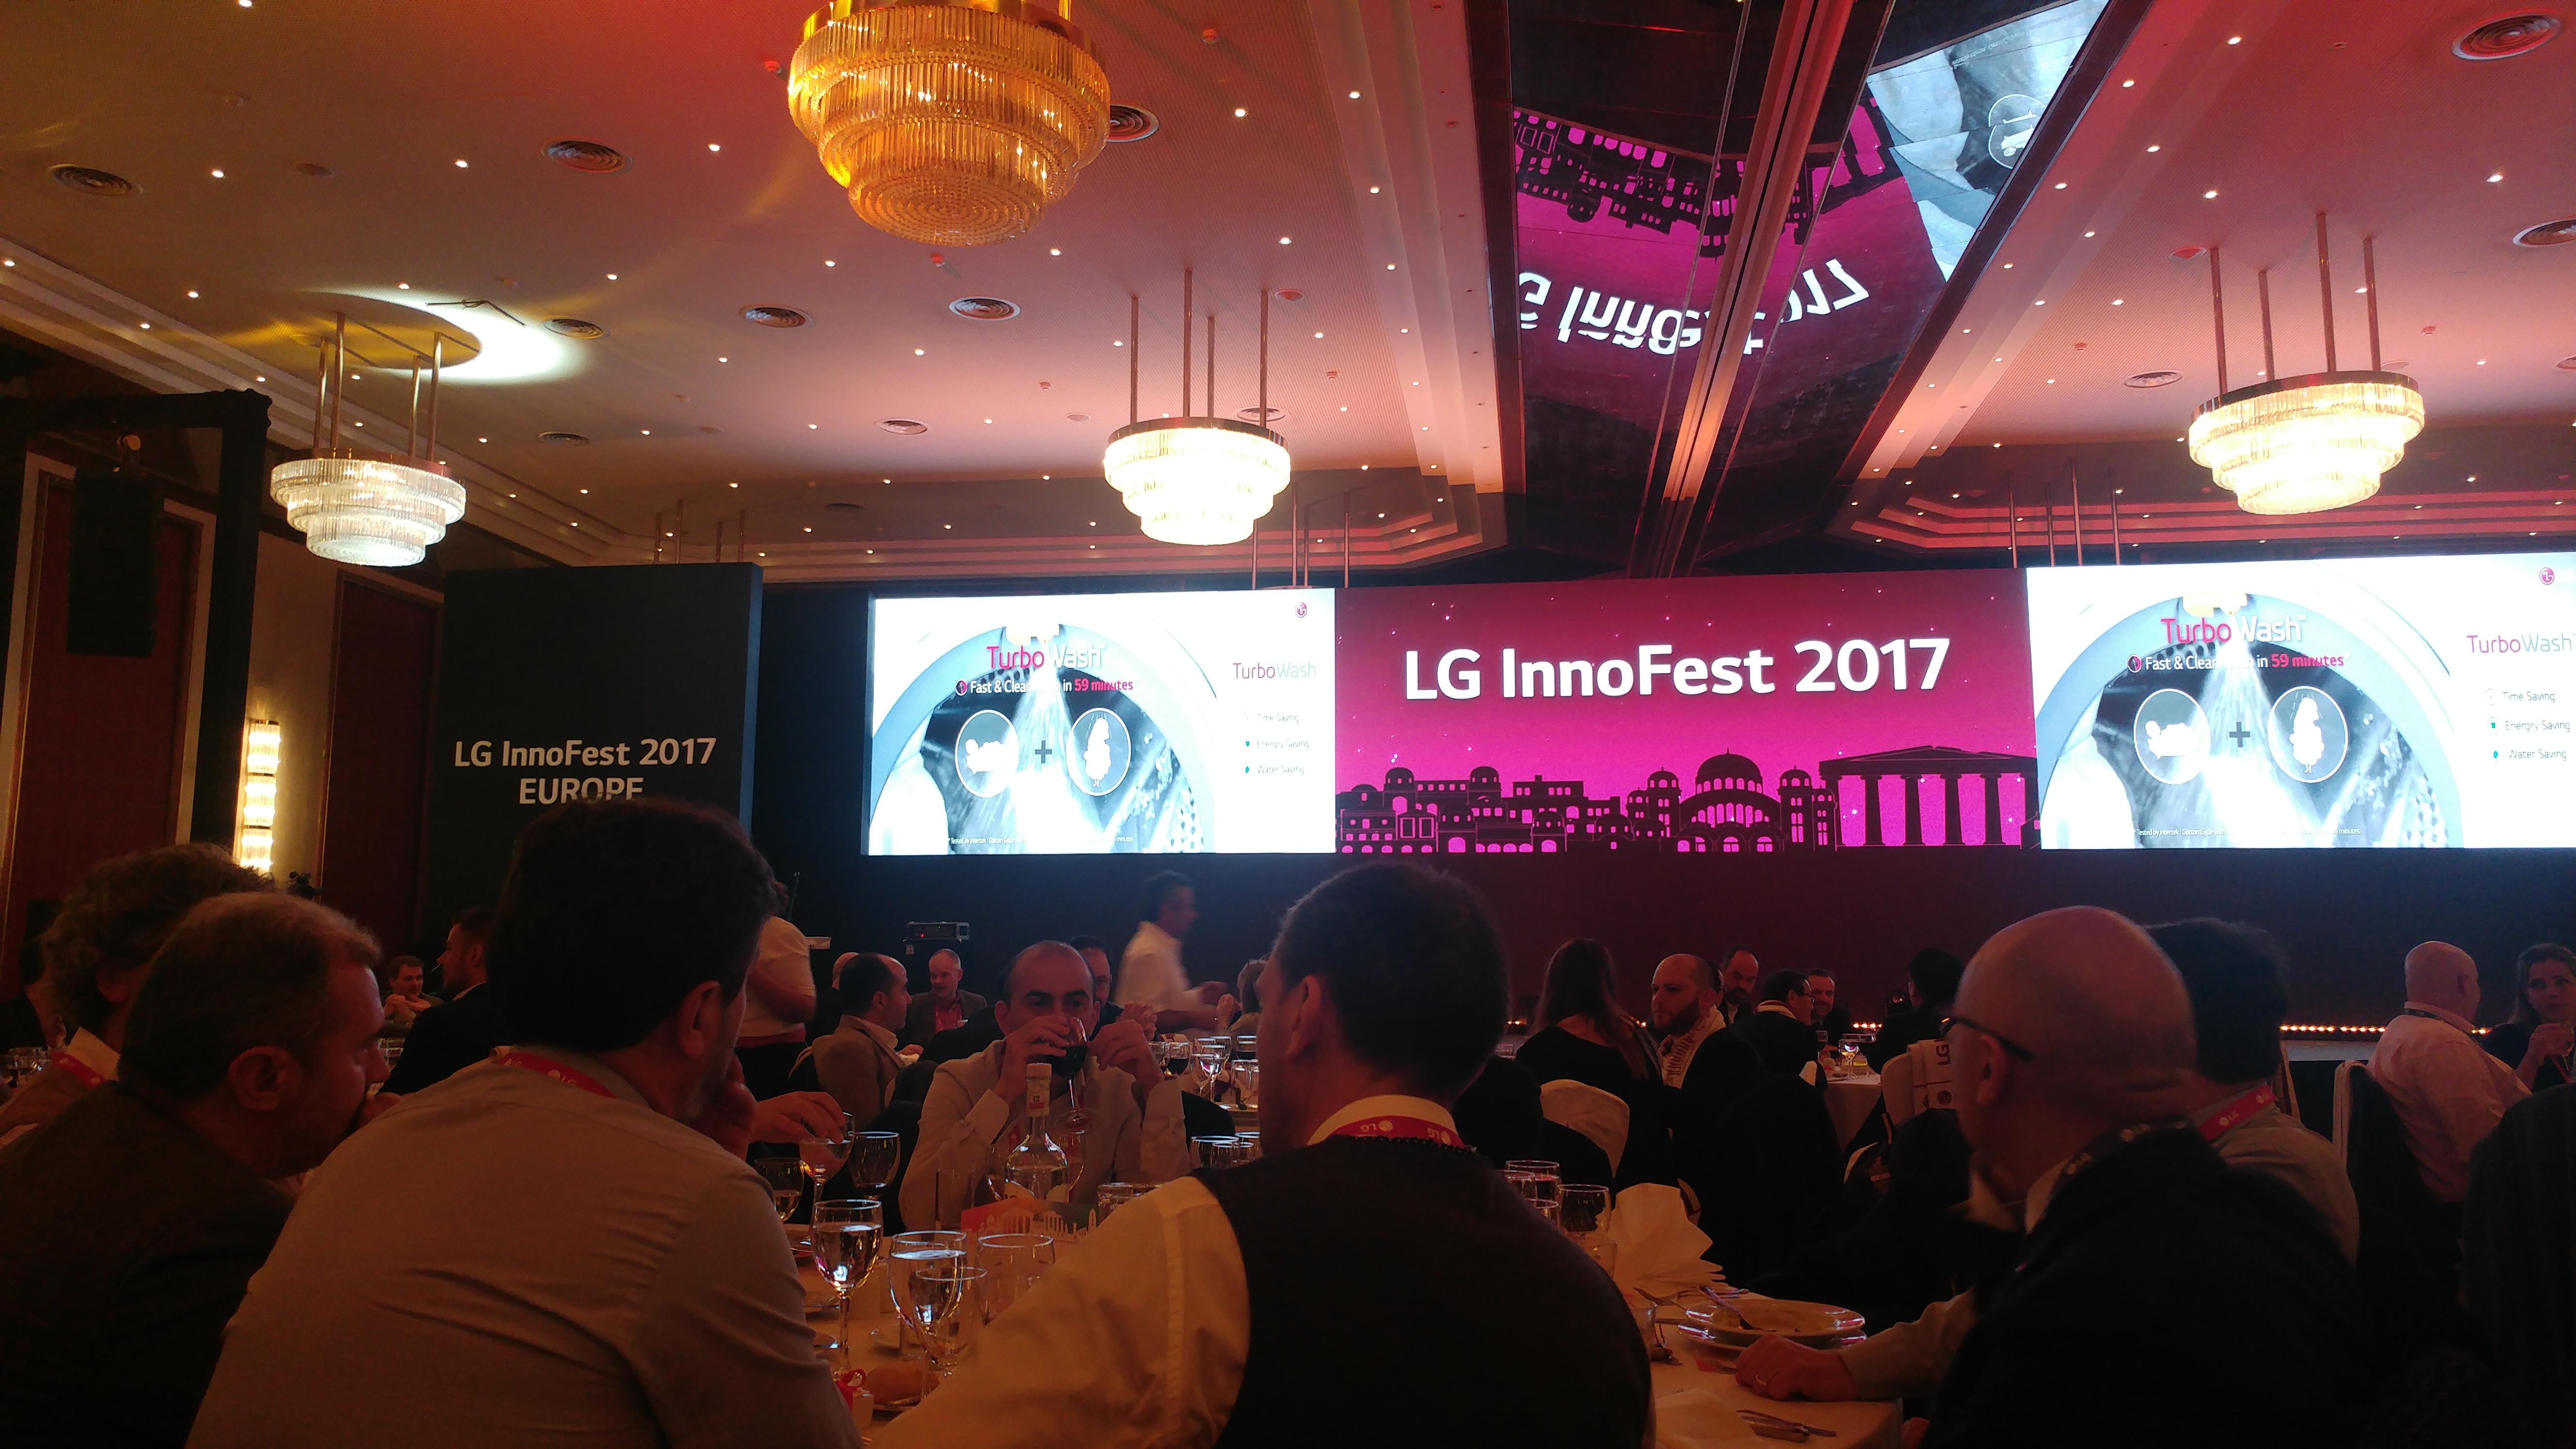 Gli elettrodomestici del futuro secondo LG thumbnail